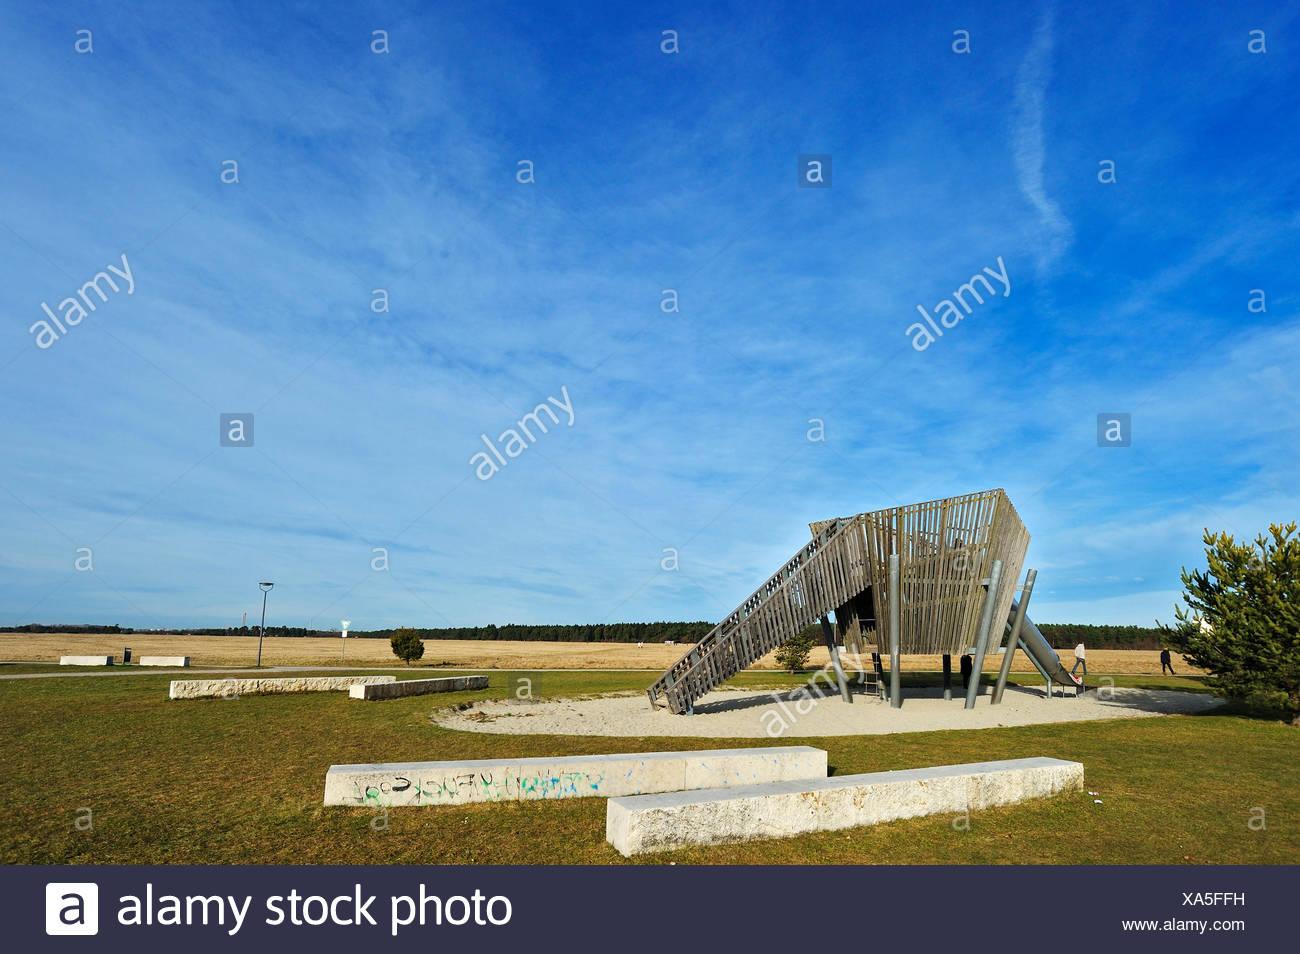 Bancos de cemento y una diapositiva en un patio de juegos Imagen De Stock